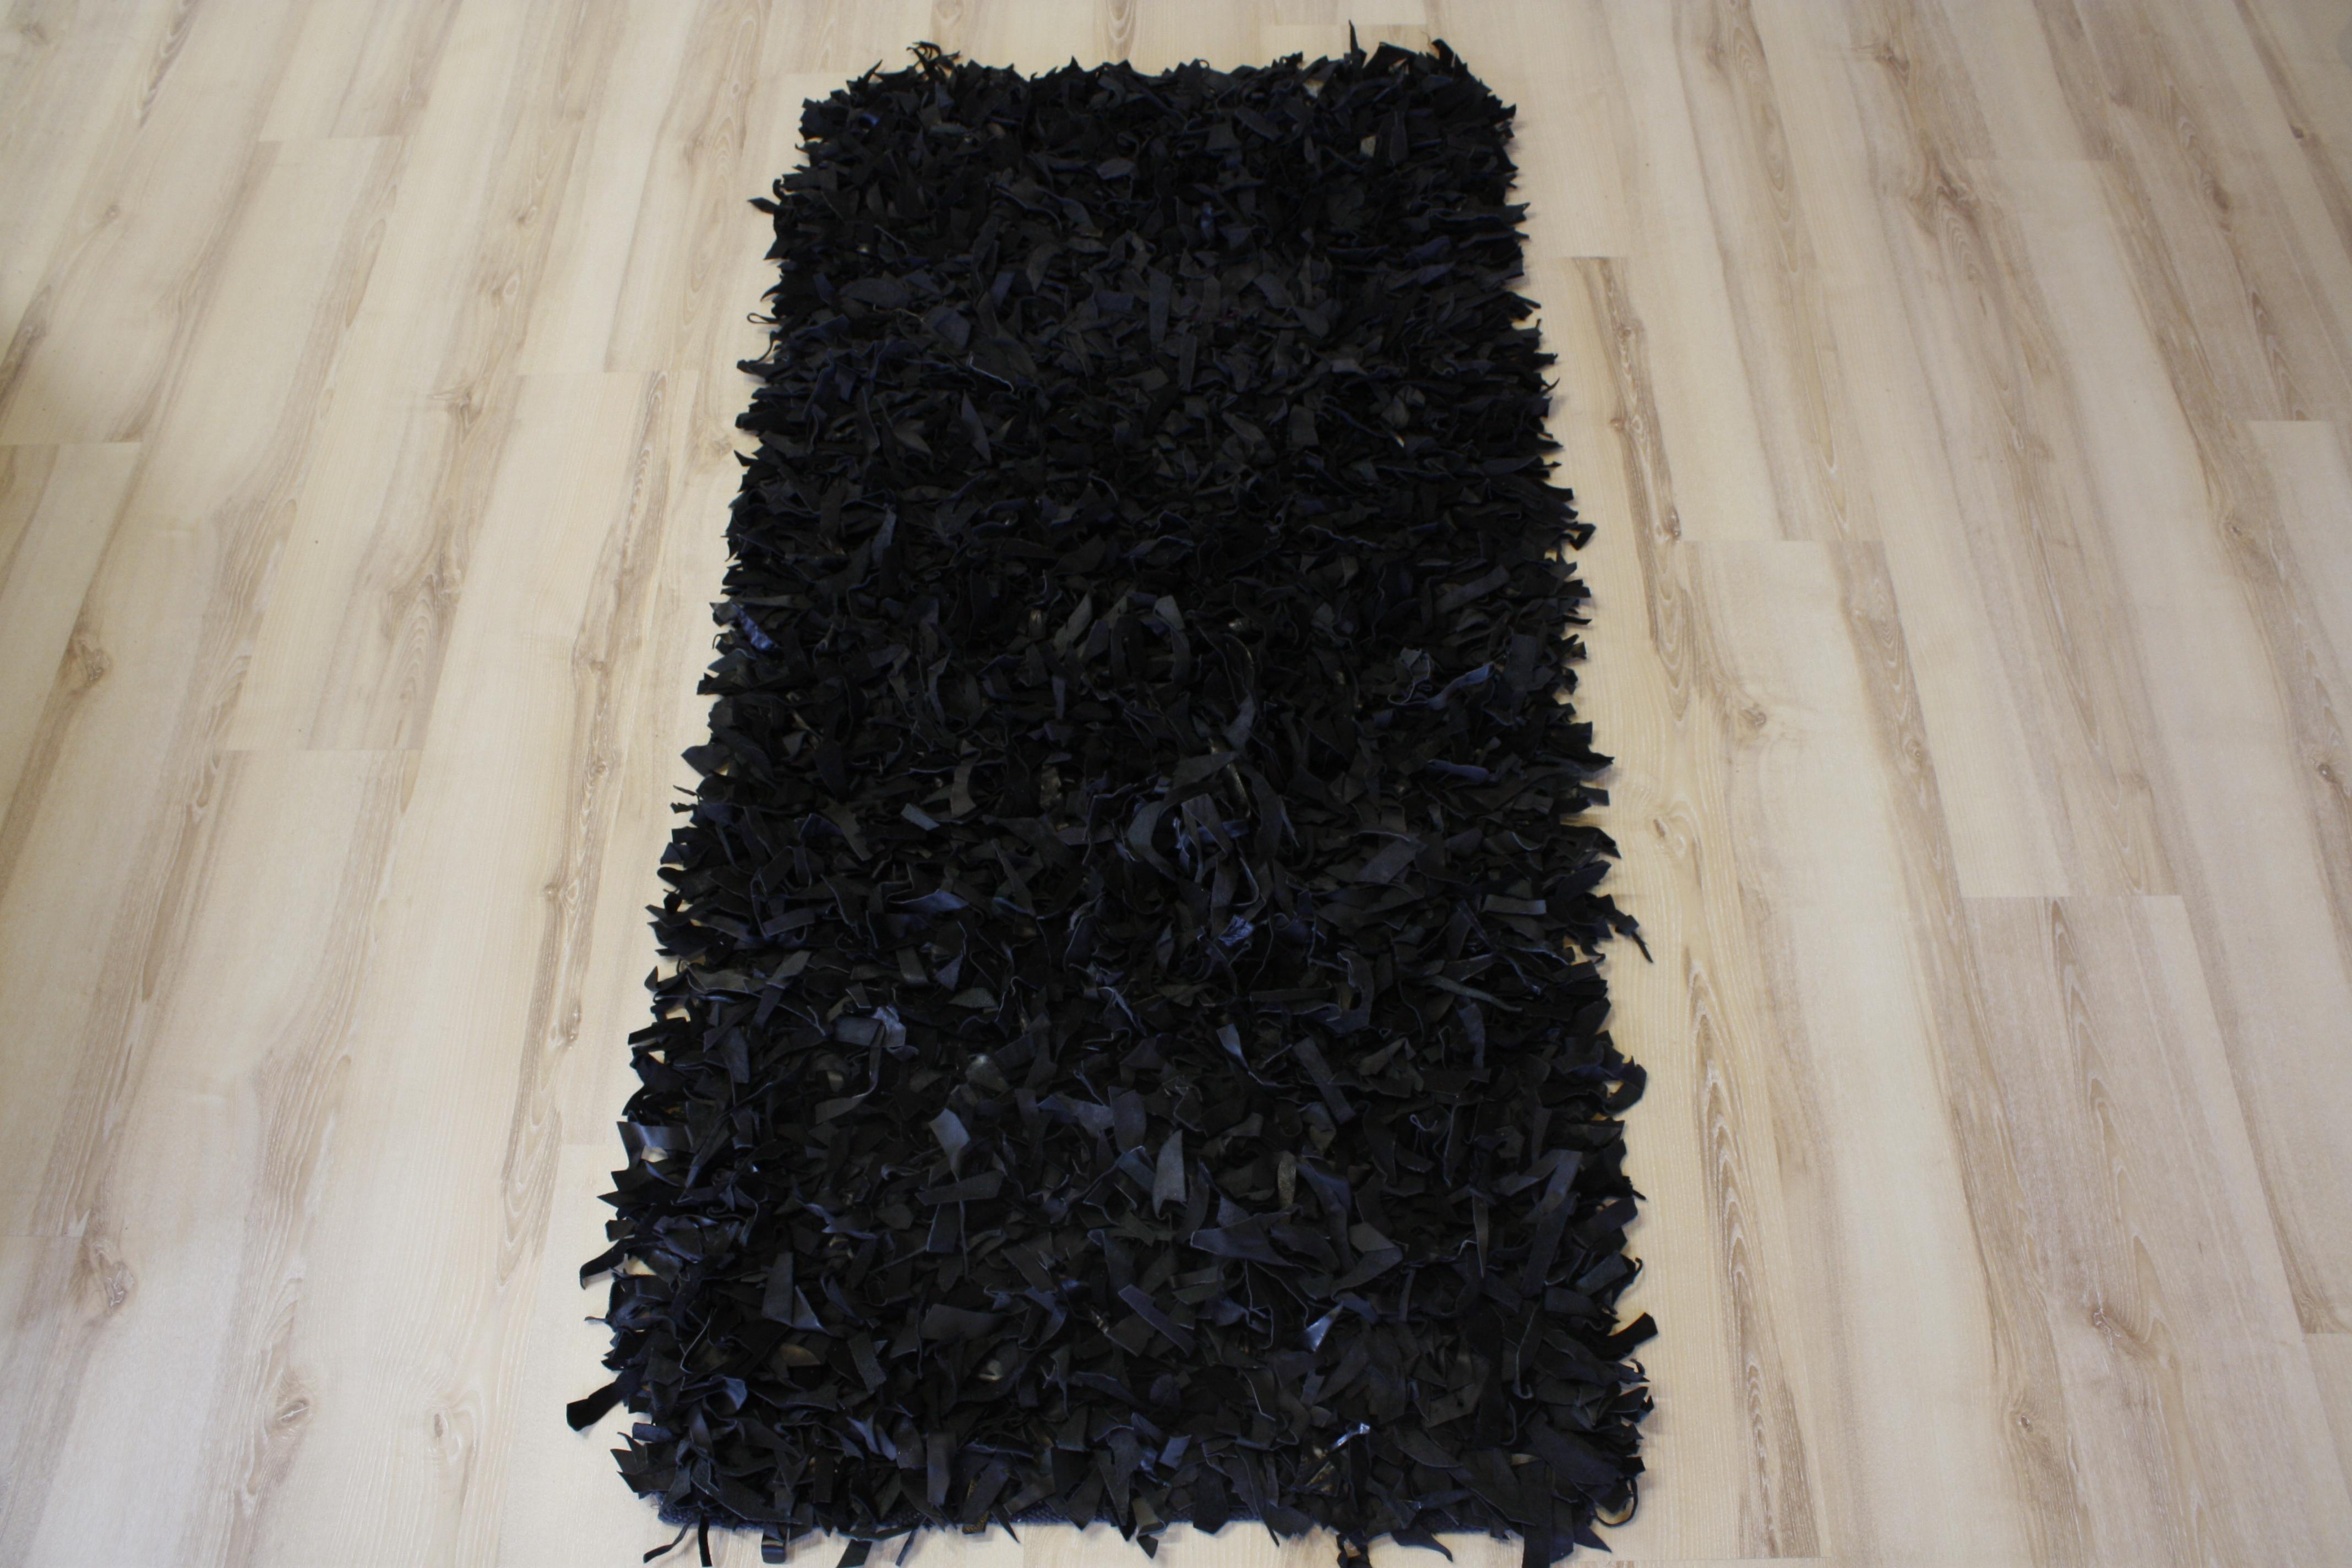 leather carpet high pile black 200x200 cm genuine leather. Black Bedroom Furniture Sets. Home Design Ideas